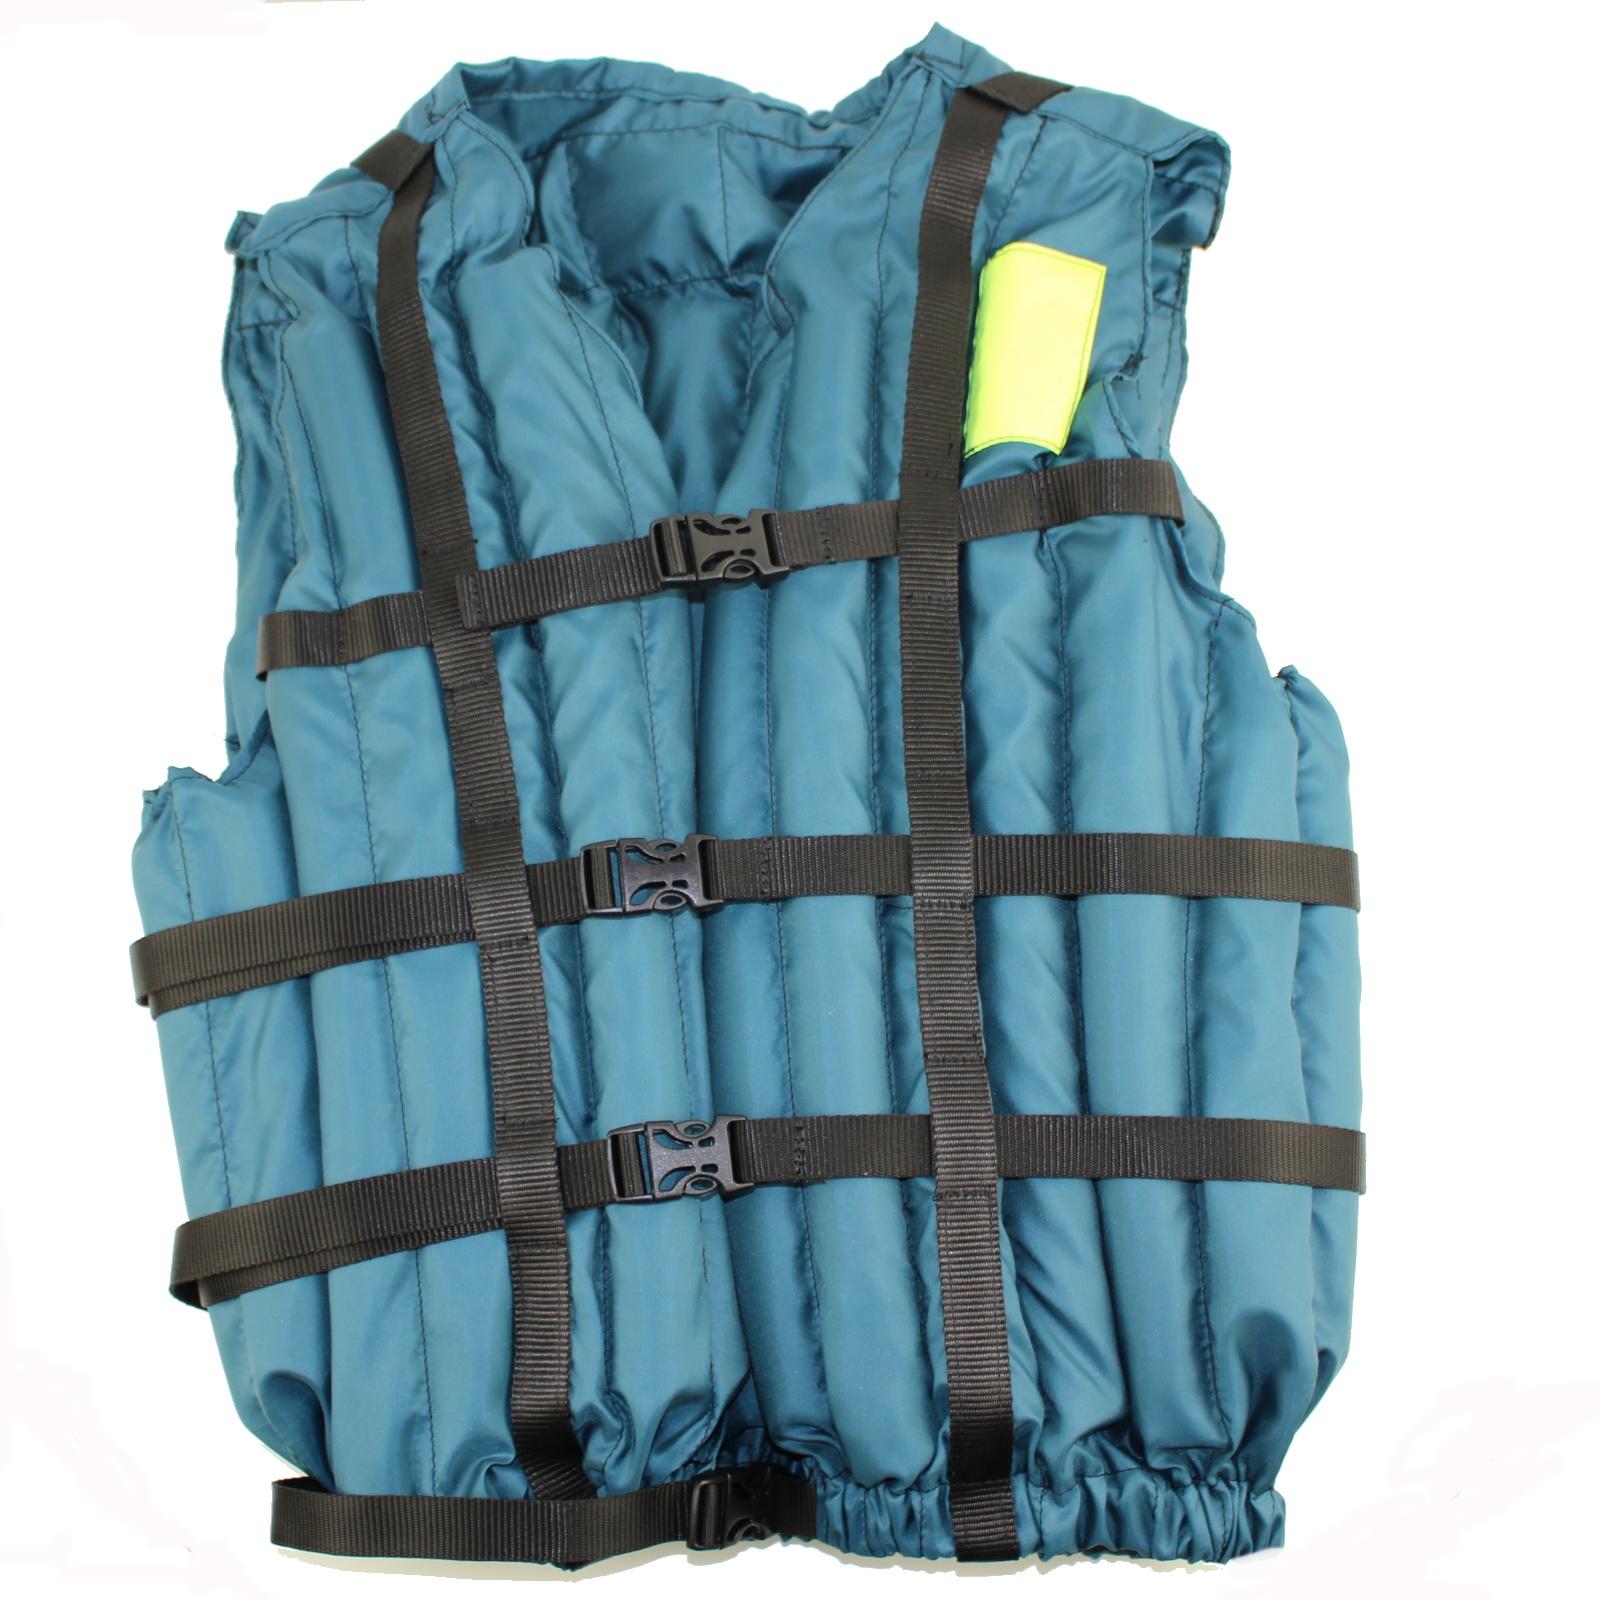 Plávacia vesta MAVEL tmavě modrá - veľ. S-M